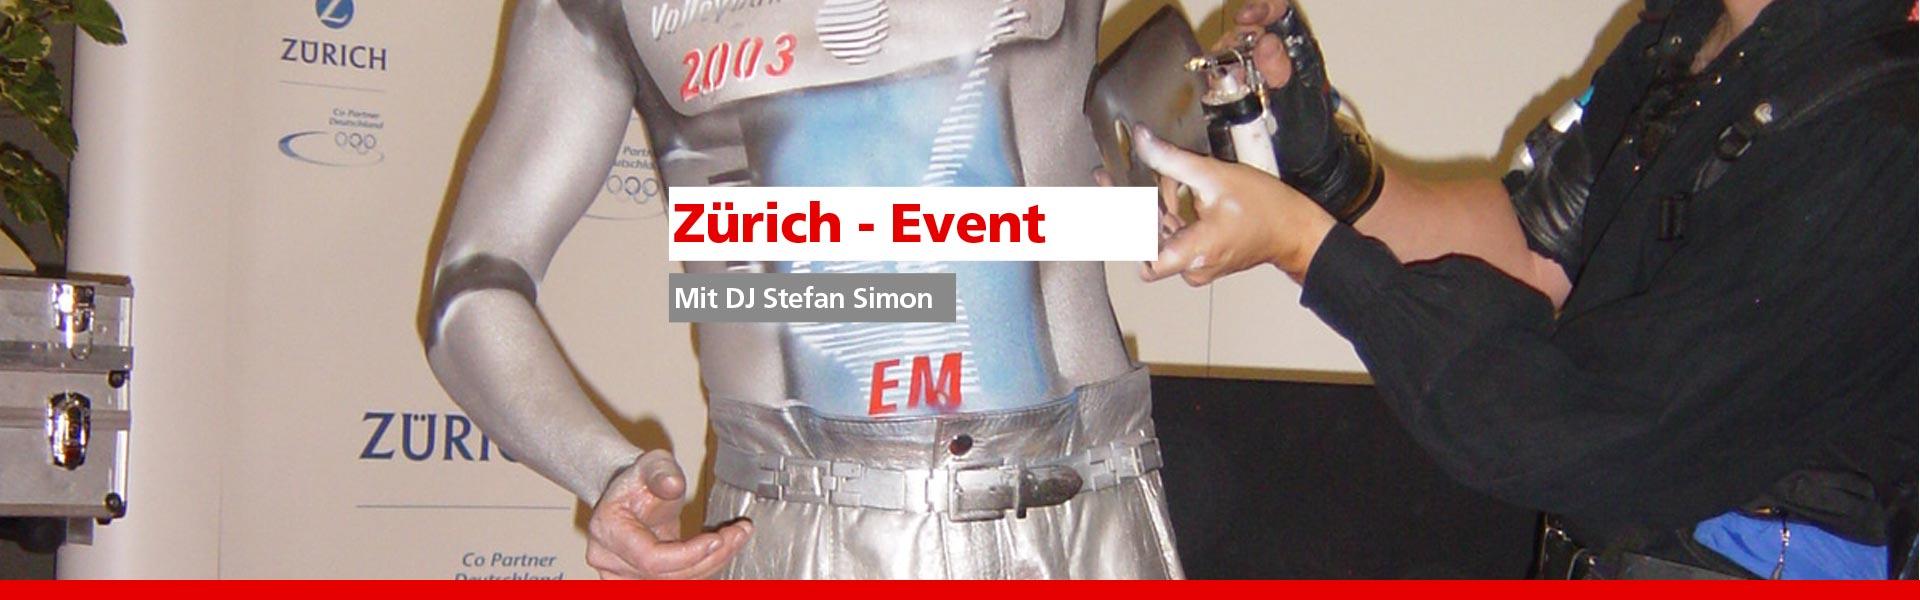 http://www.stefansimon.de/wp-content/uploads/2014/02/Slider_1920x600px_Events-NEU-2.jpg